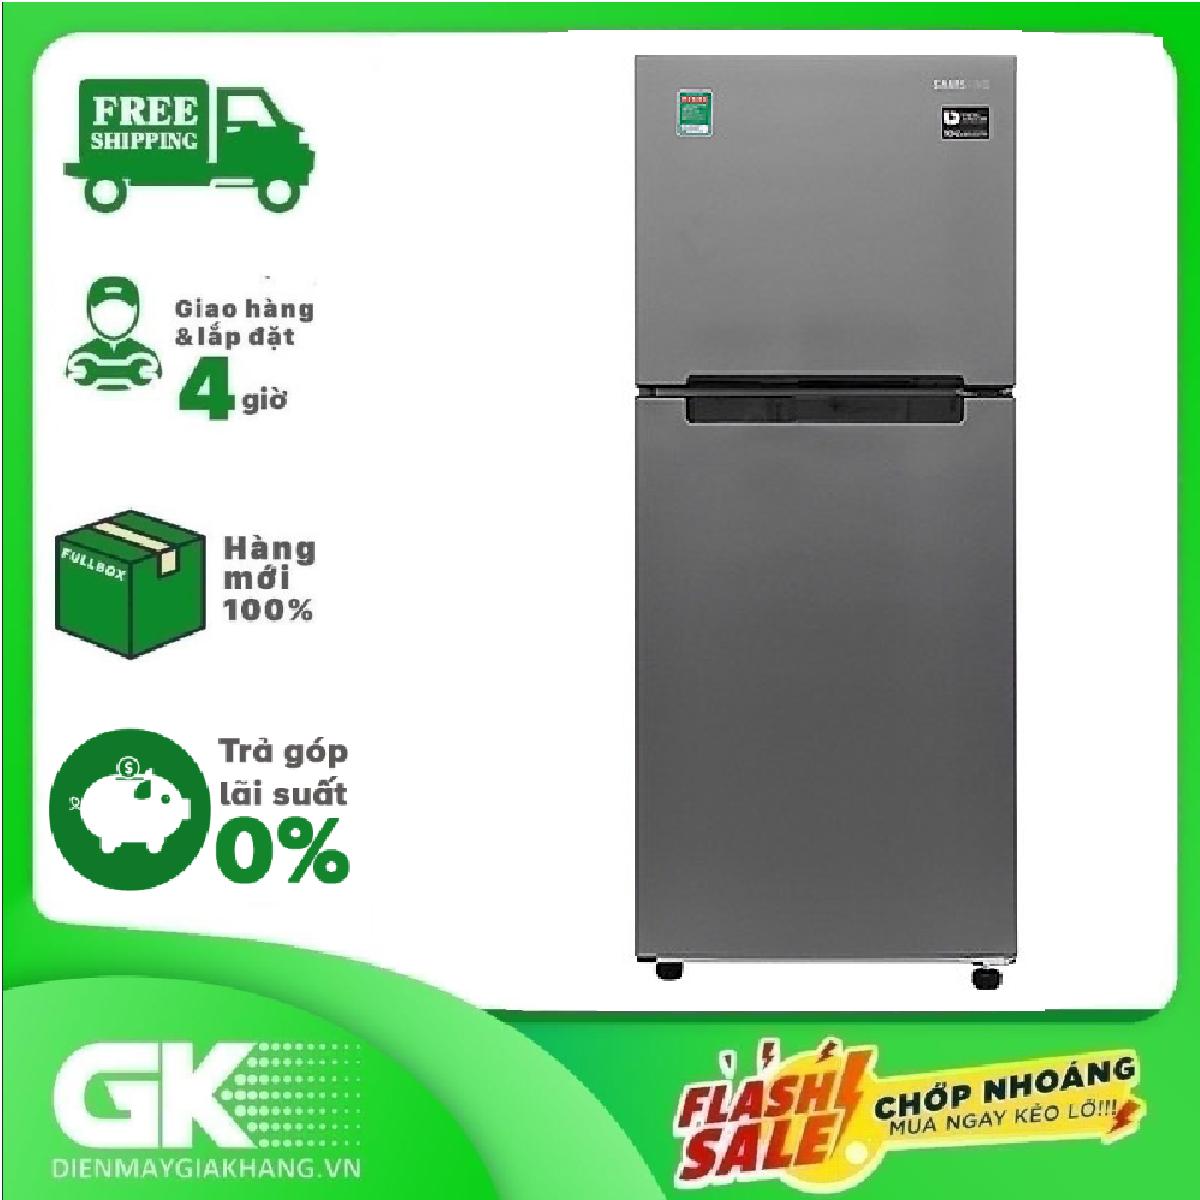 [GIAO HÀNG 2 - 15 NGÀY, TRỄ NHẤT 30.09] TRẢ GÓP 0% - Tủ lạnh Samsung Inverter 208 lít RT19M300BGS/SV